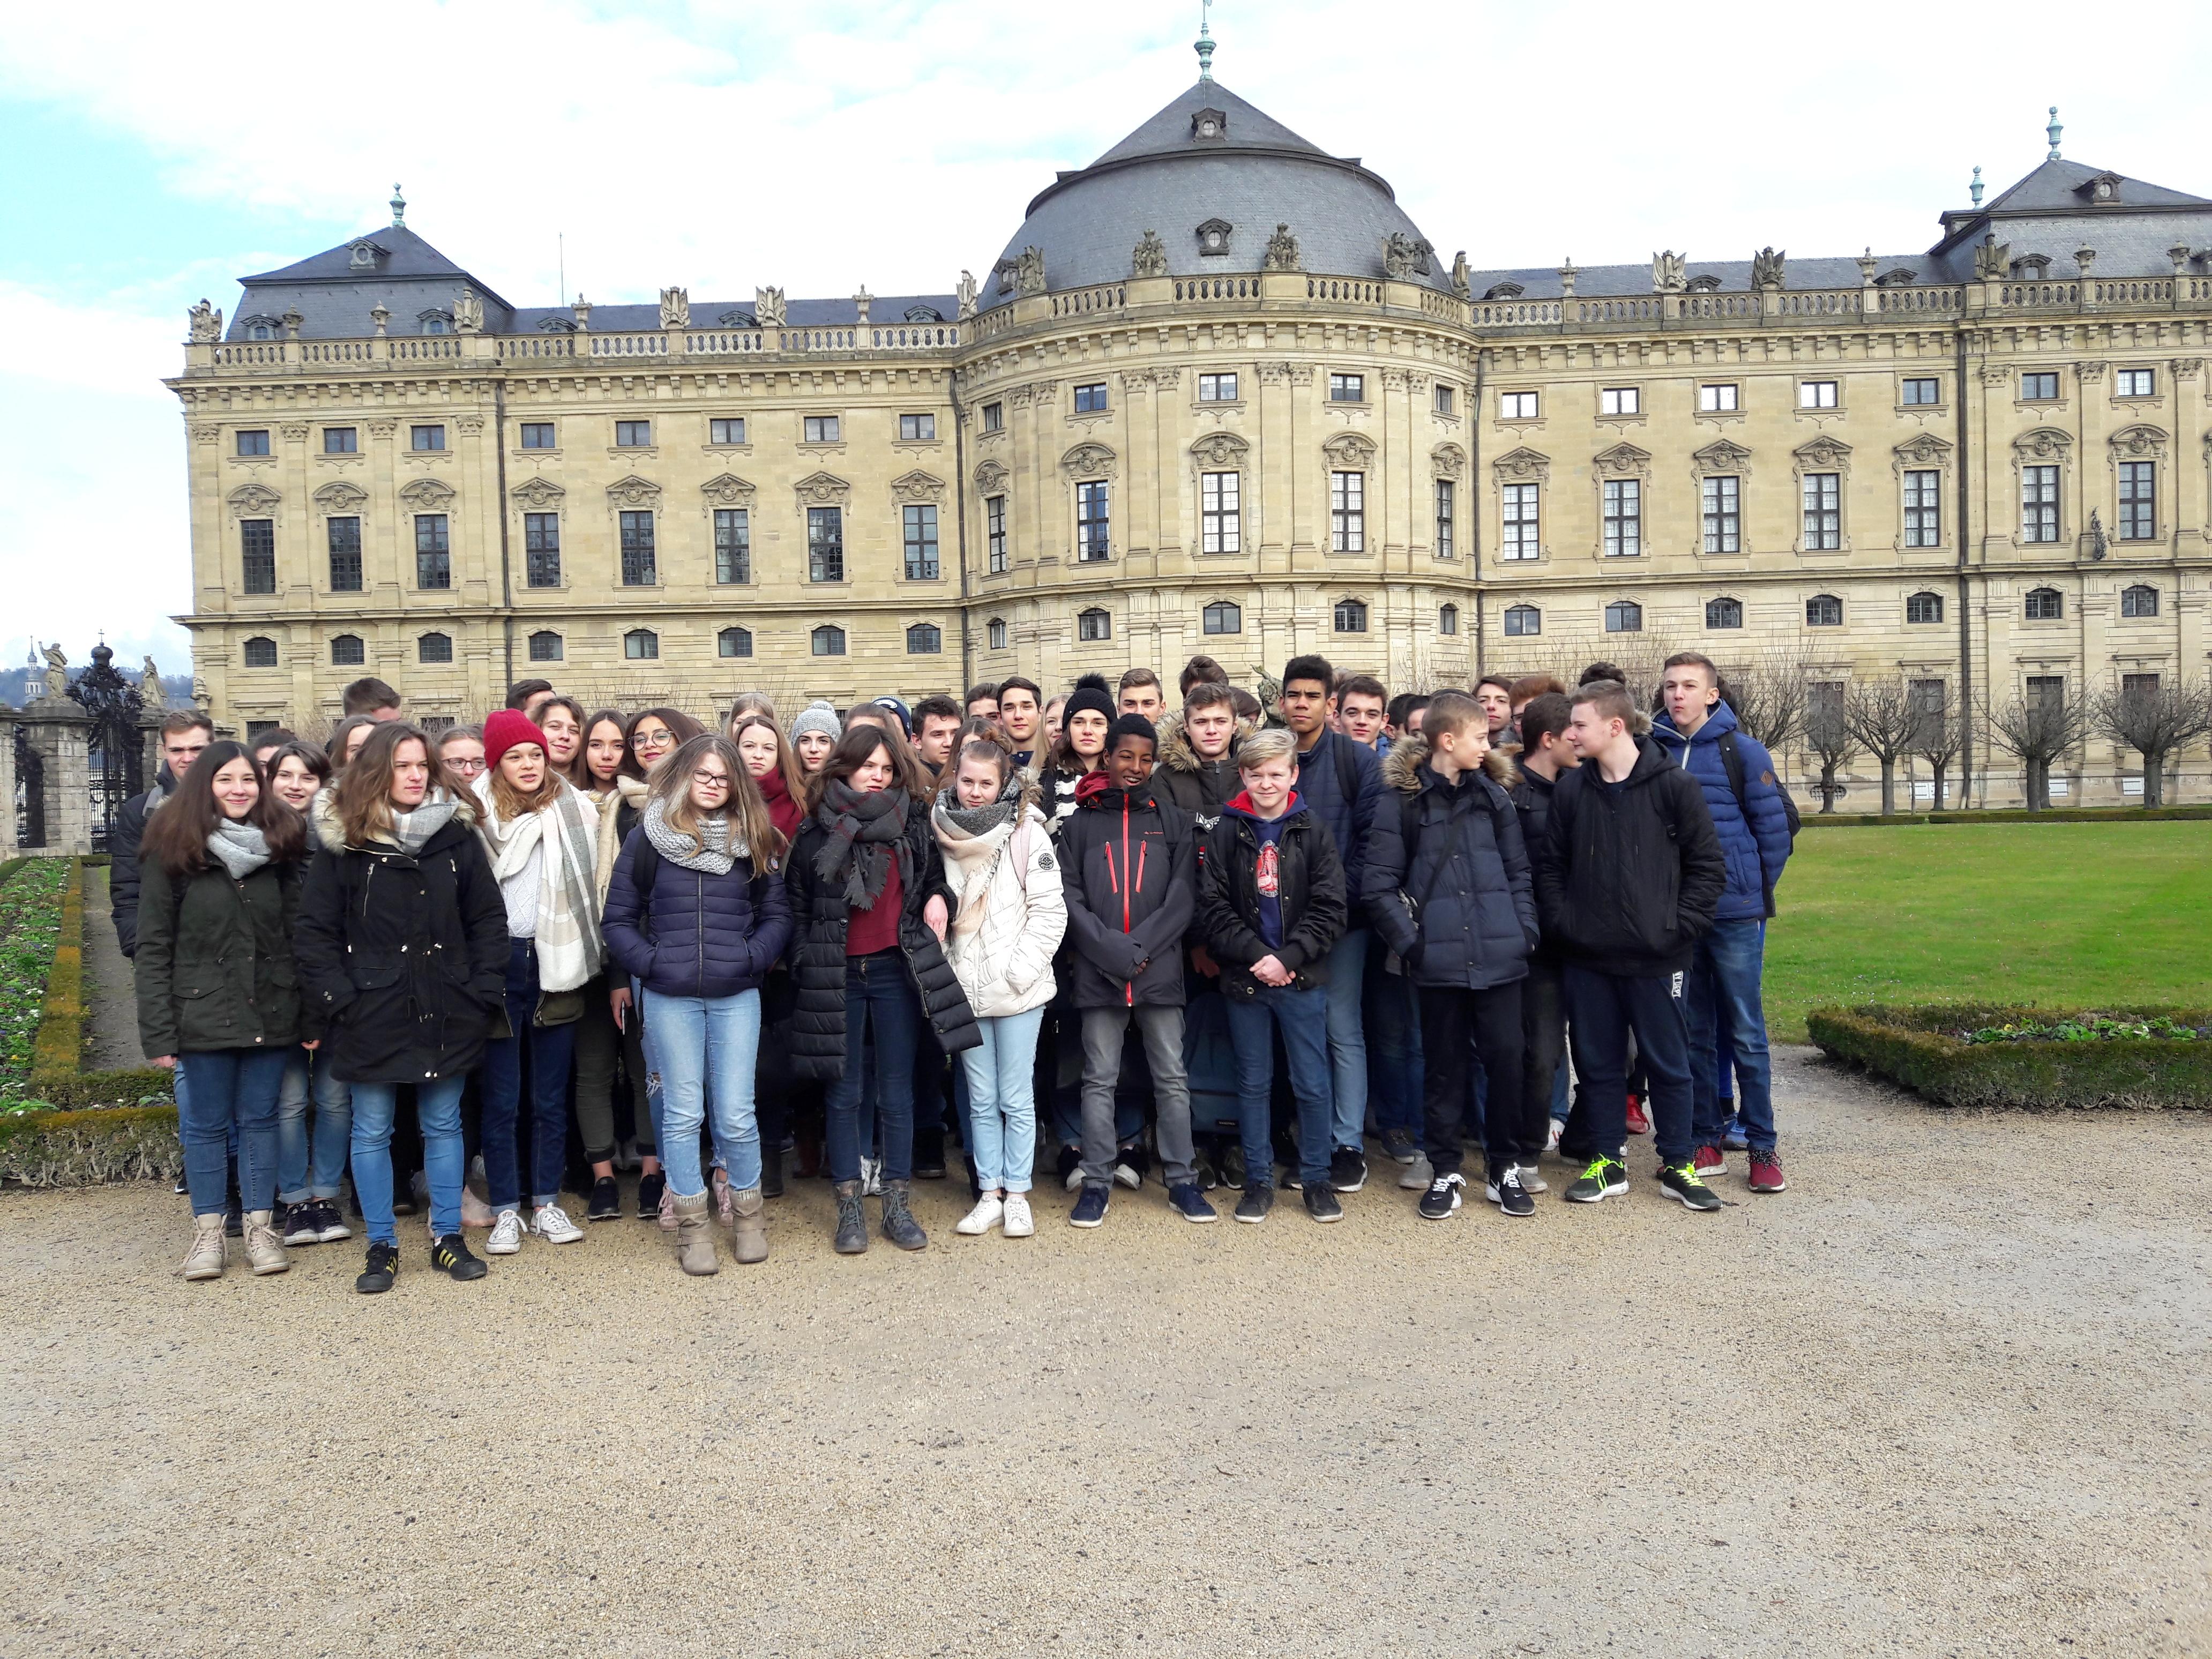 W rzburg sous le soleil - College charles de gaulle guilherand granges ...